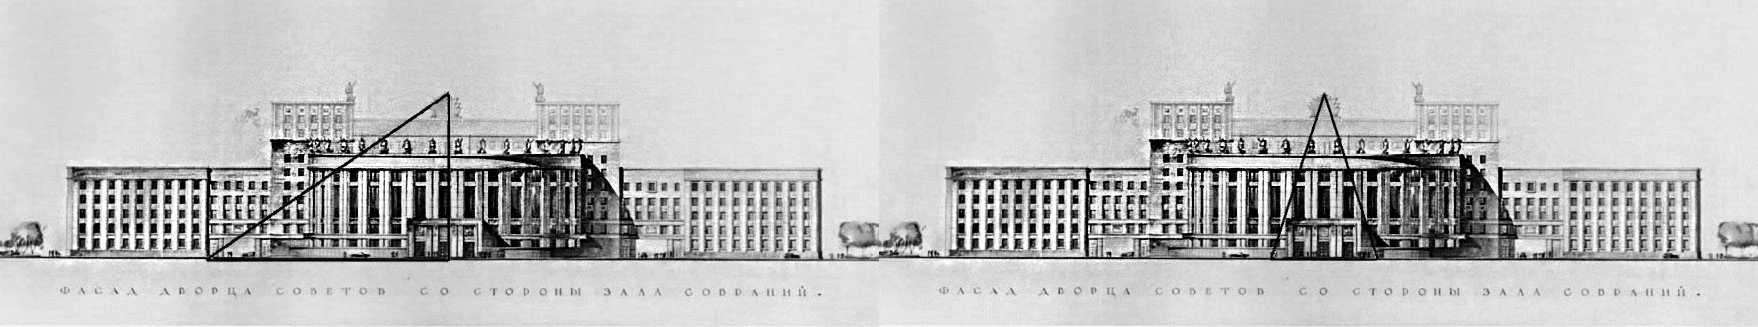 Идеальная пропорция в архитектуре: использование и примеры